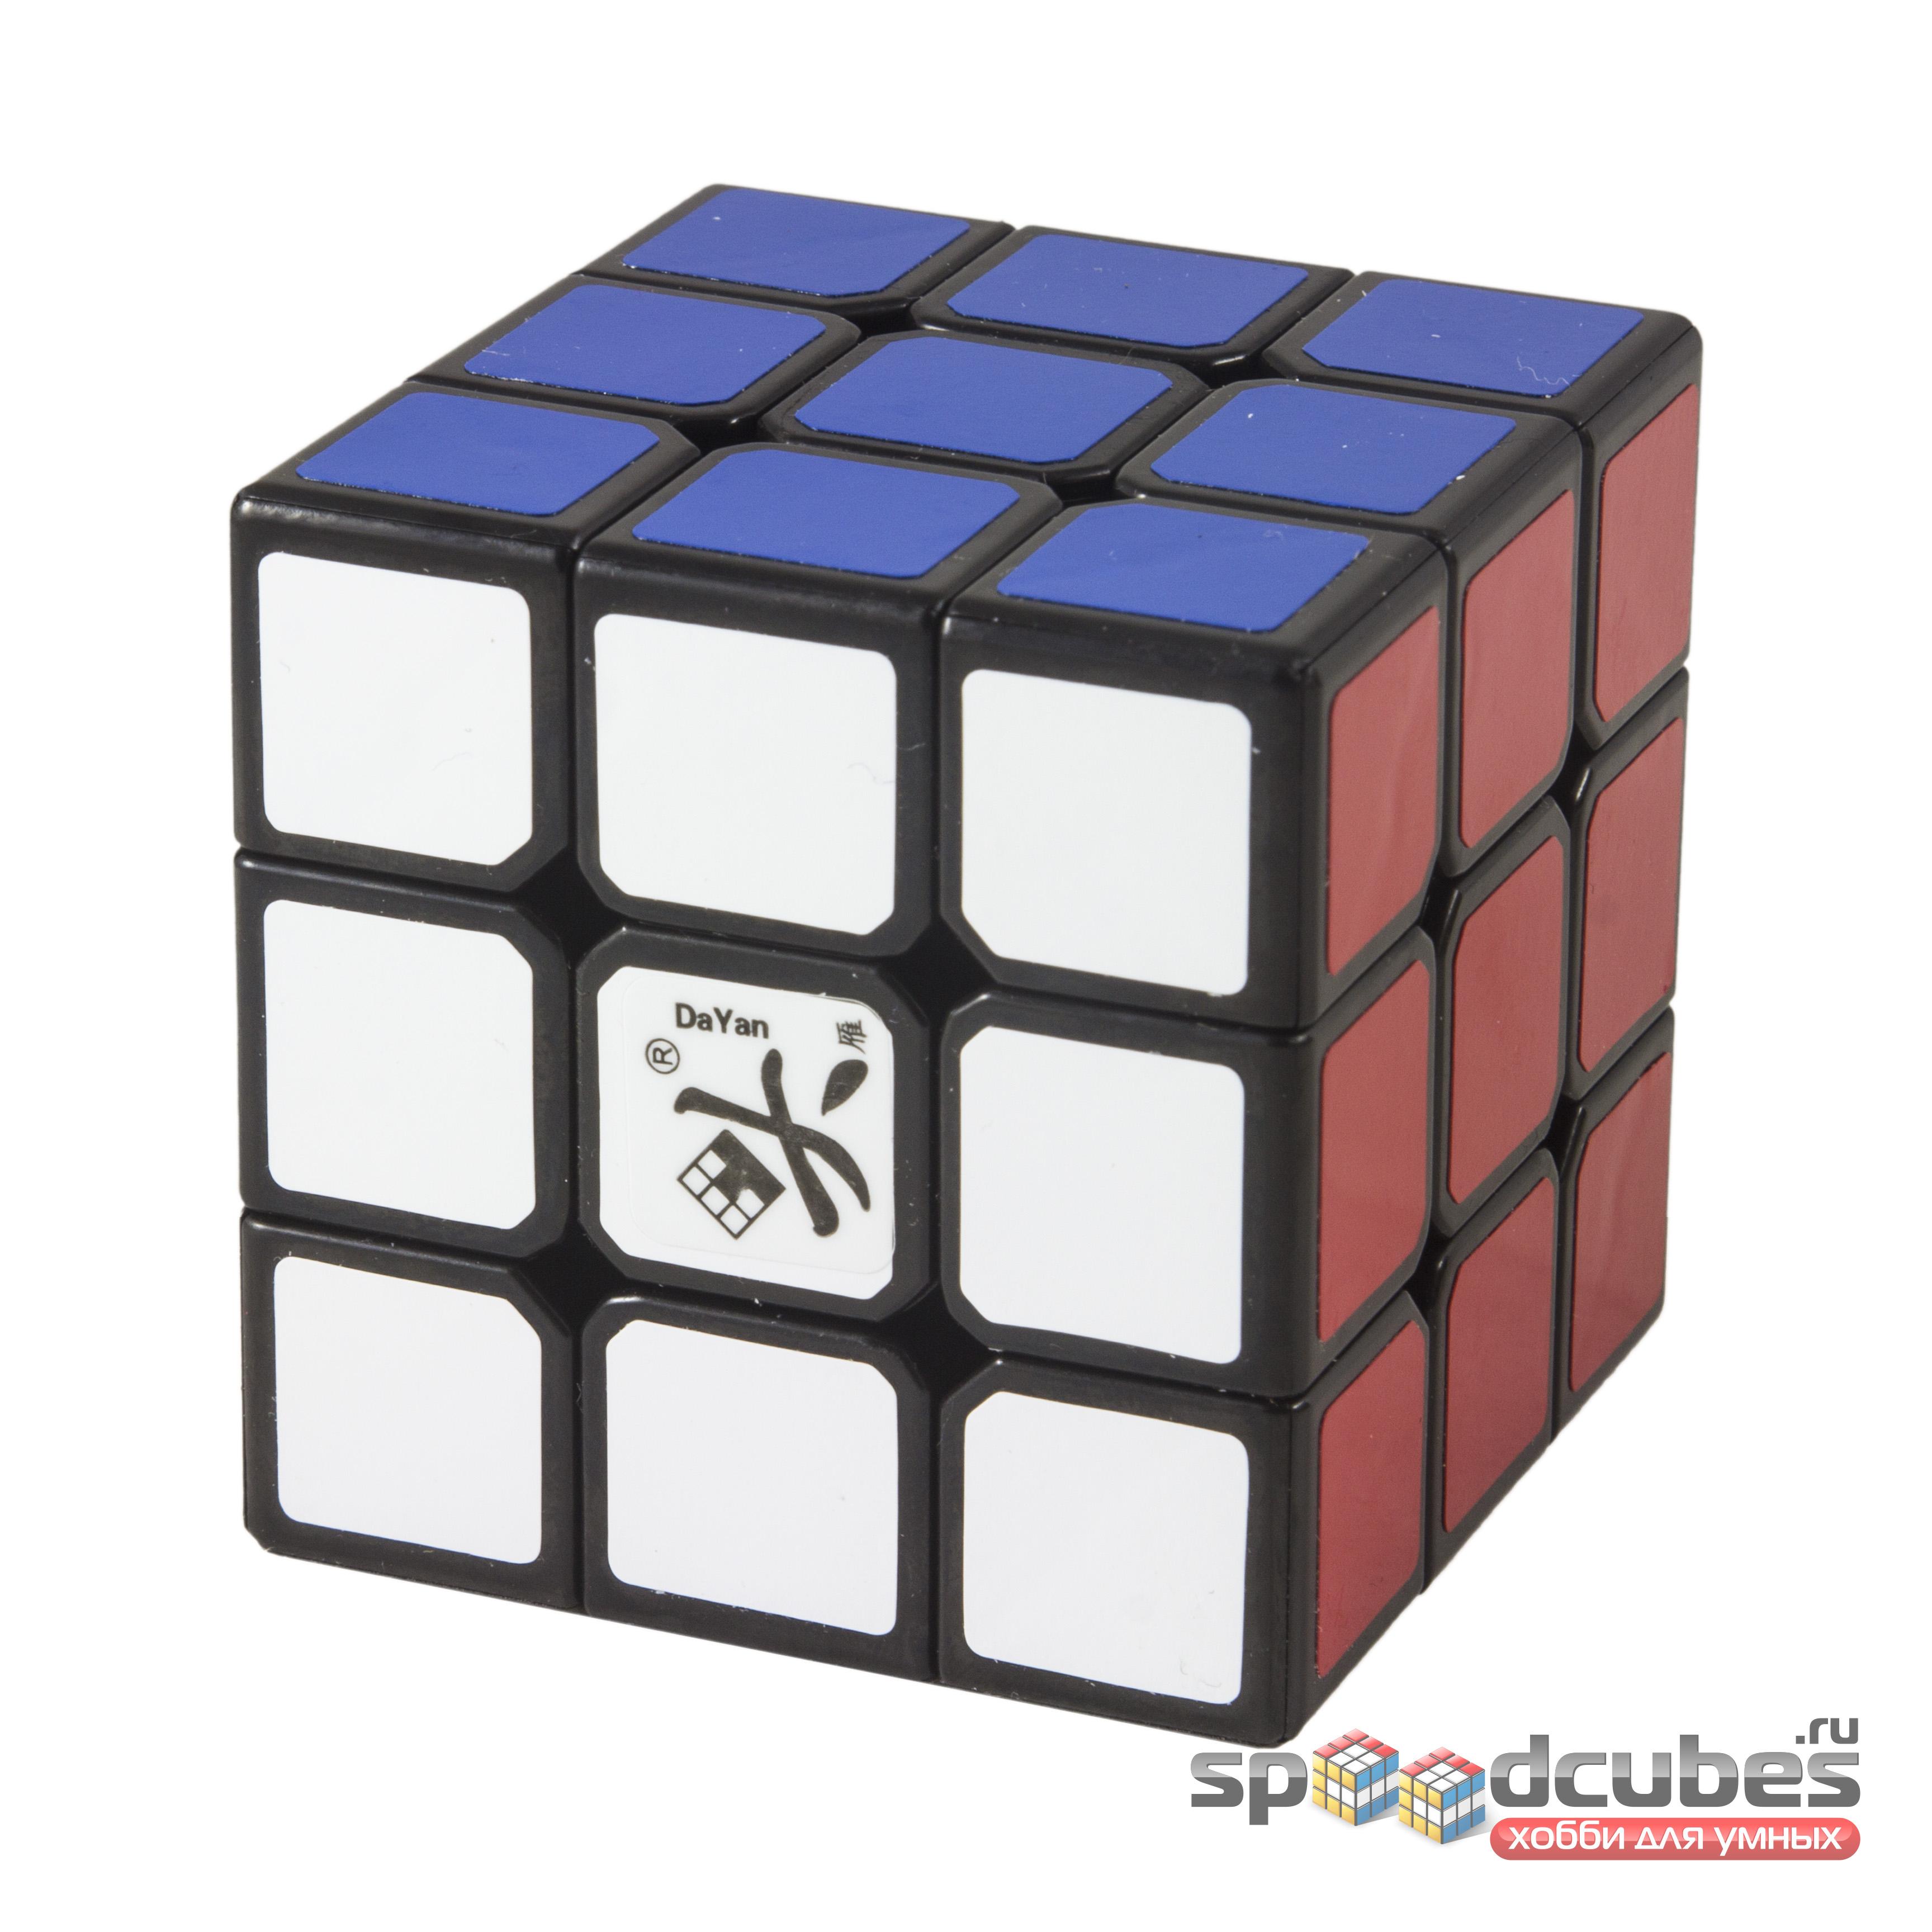 DaYan 5 Zhanchi 3x3x3